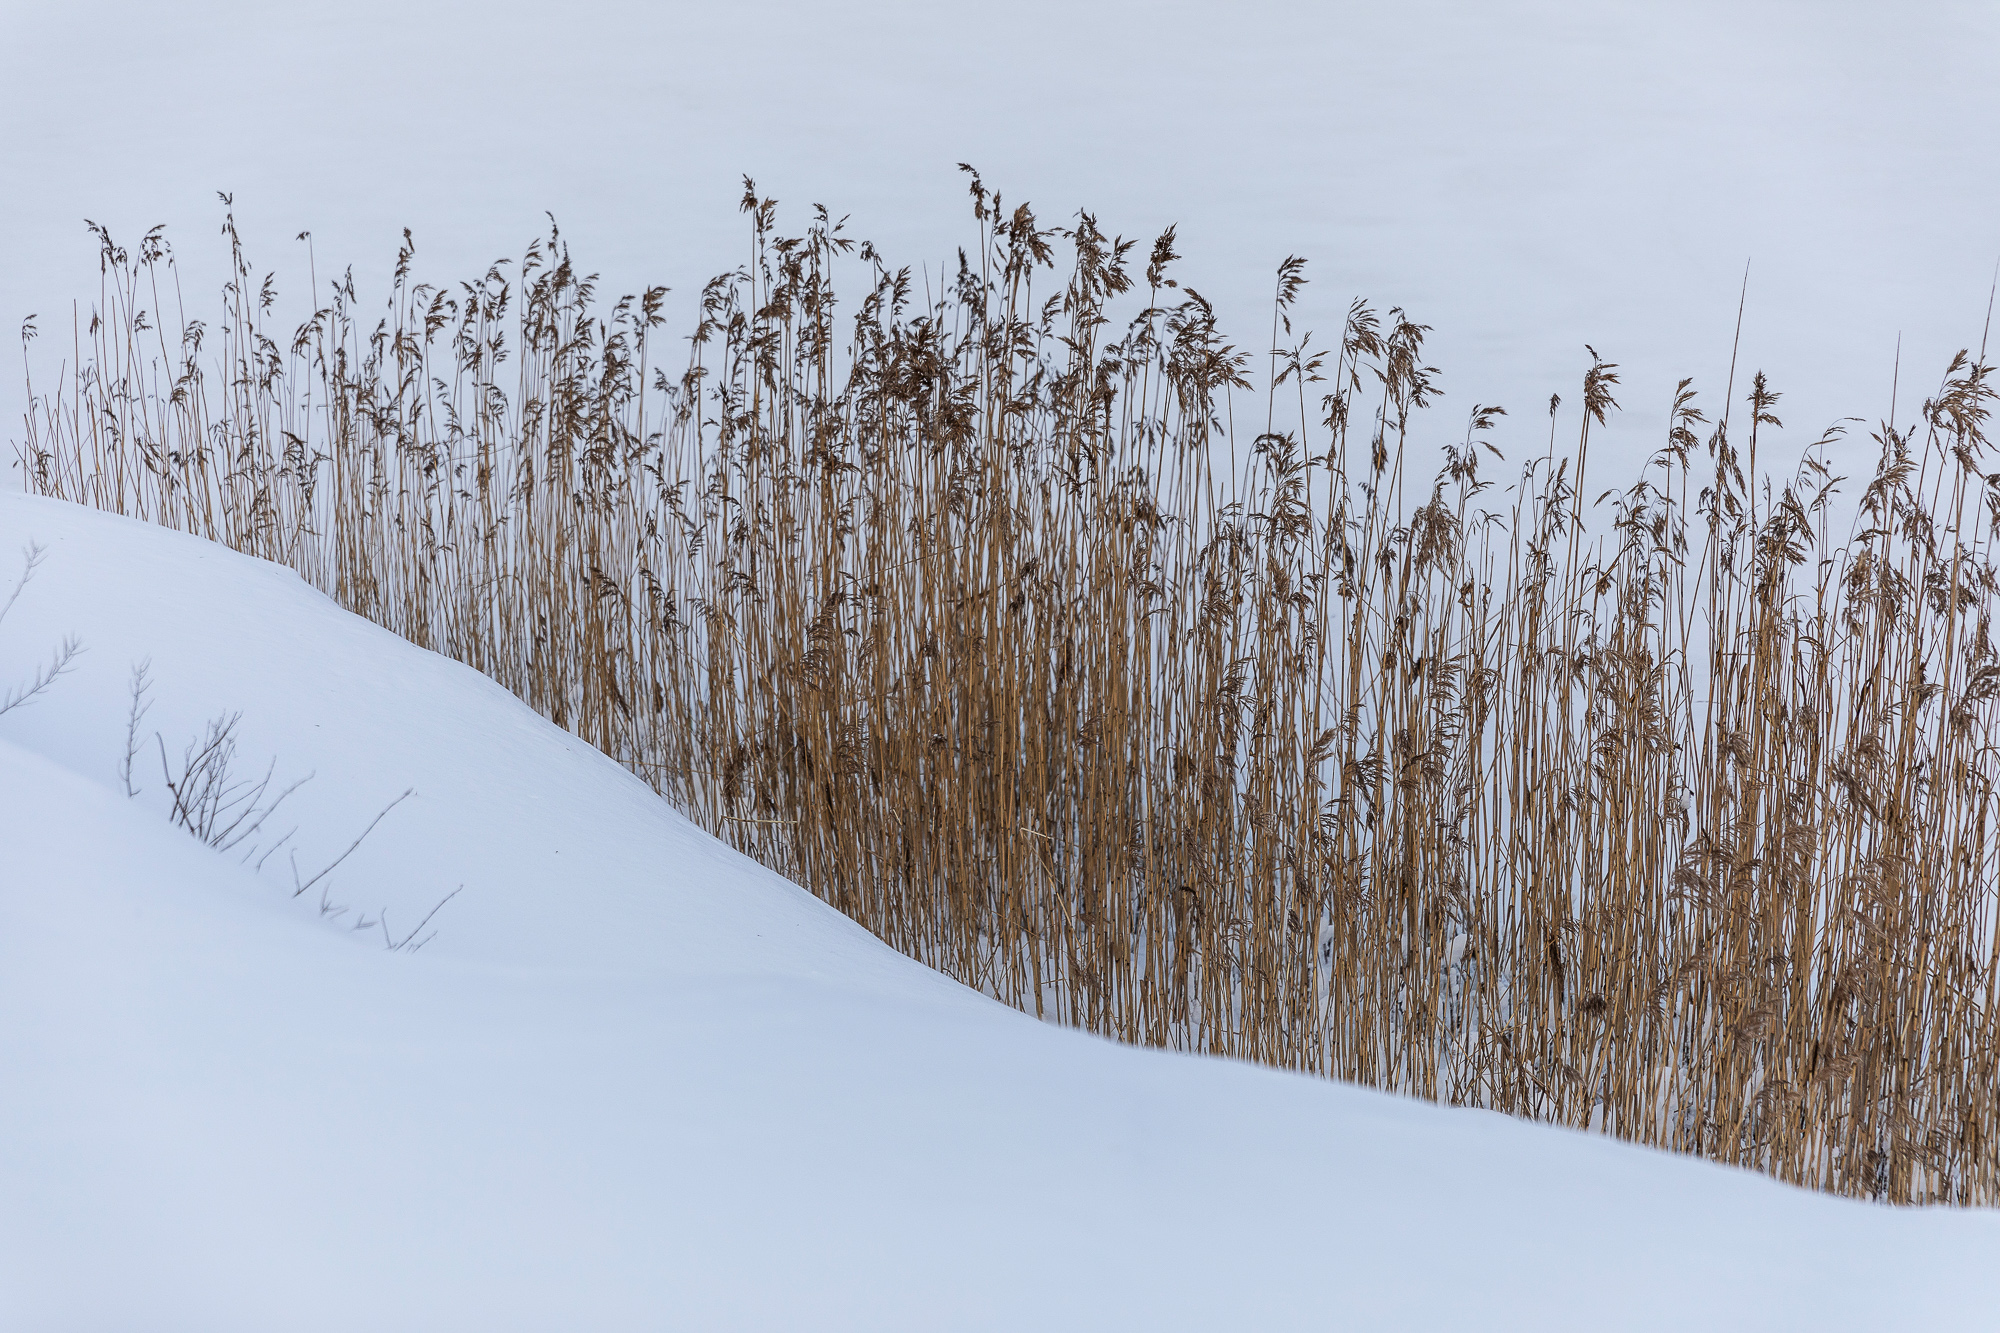 talvi, winter, suomi, finland, visitfinland, finlandphotolovers, luonto, nature, visualaddict, visualaddictfrida, valokuvaaja, photographer, Frida Steiner,, luonto, nature